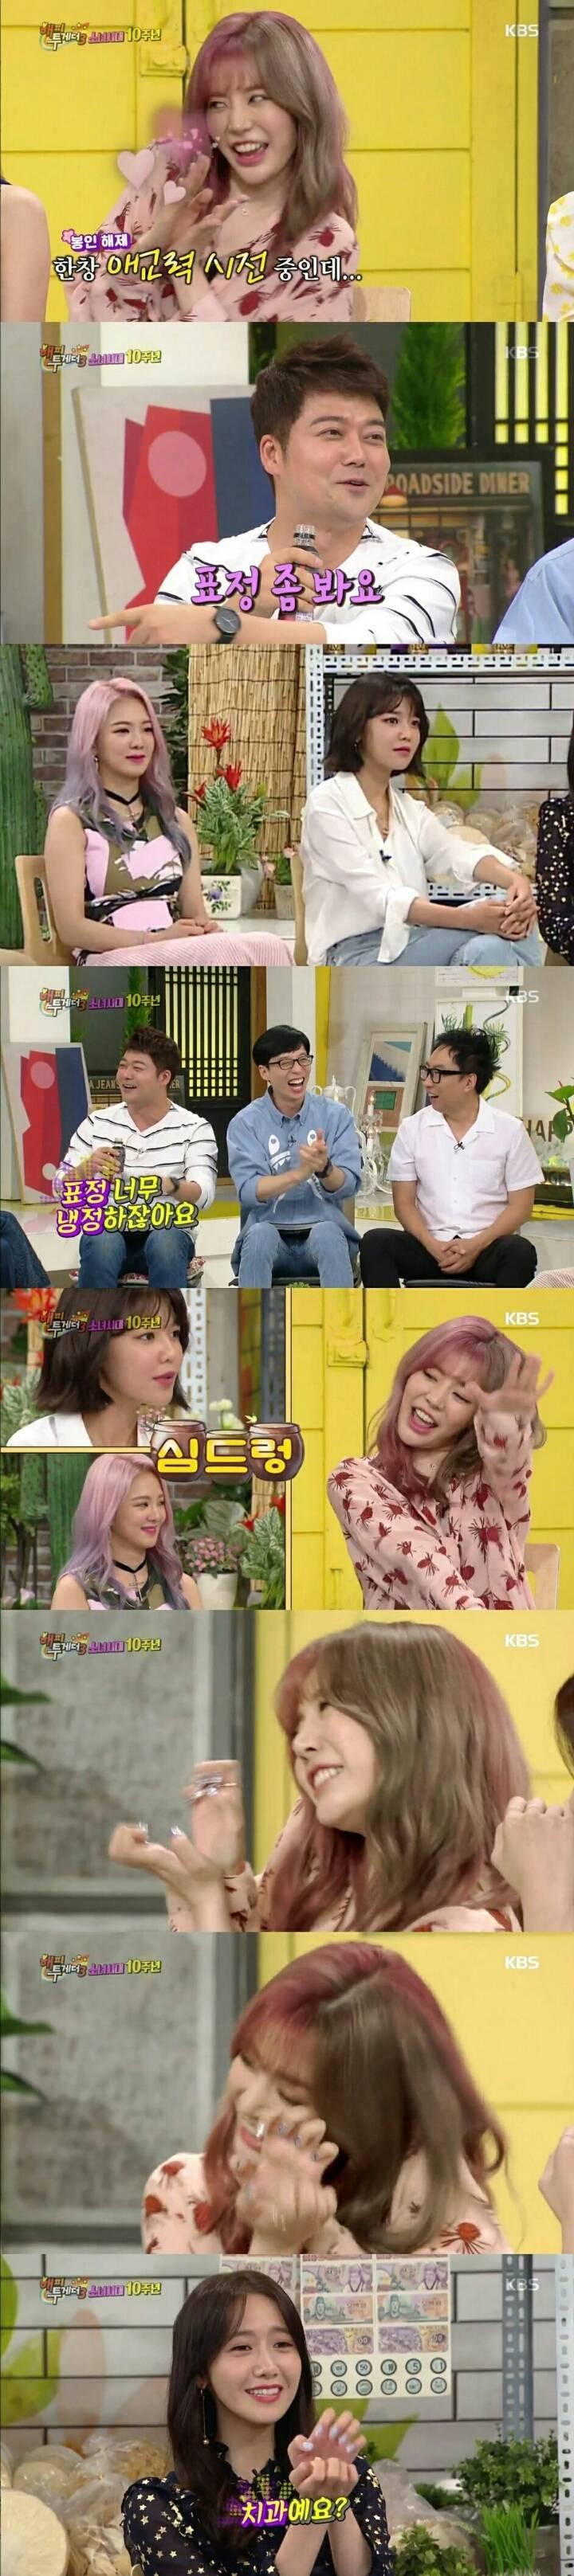 끼부리는 멤버를 본 걸그룹 반응 ㅋㅋㅋㅋㅋ.gif | 인스티즈